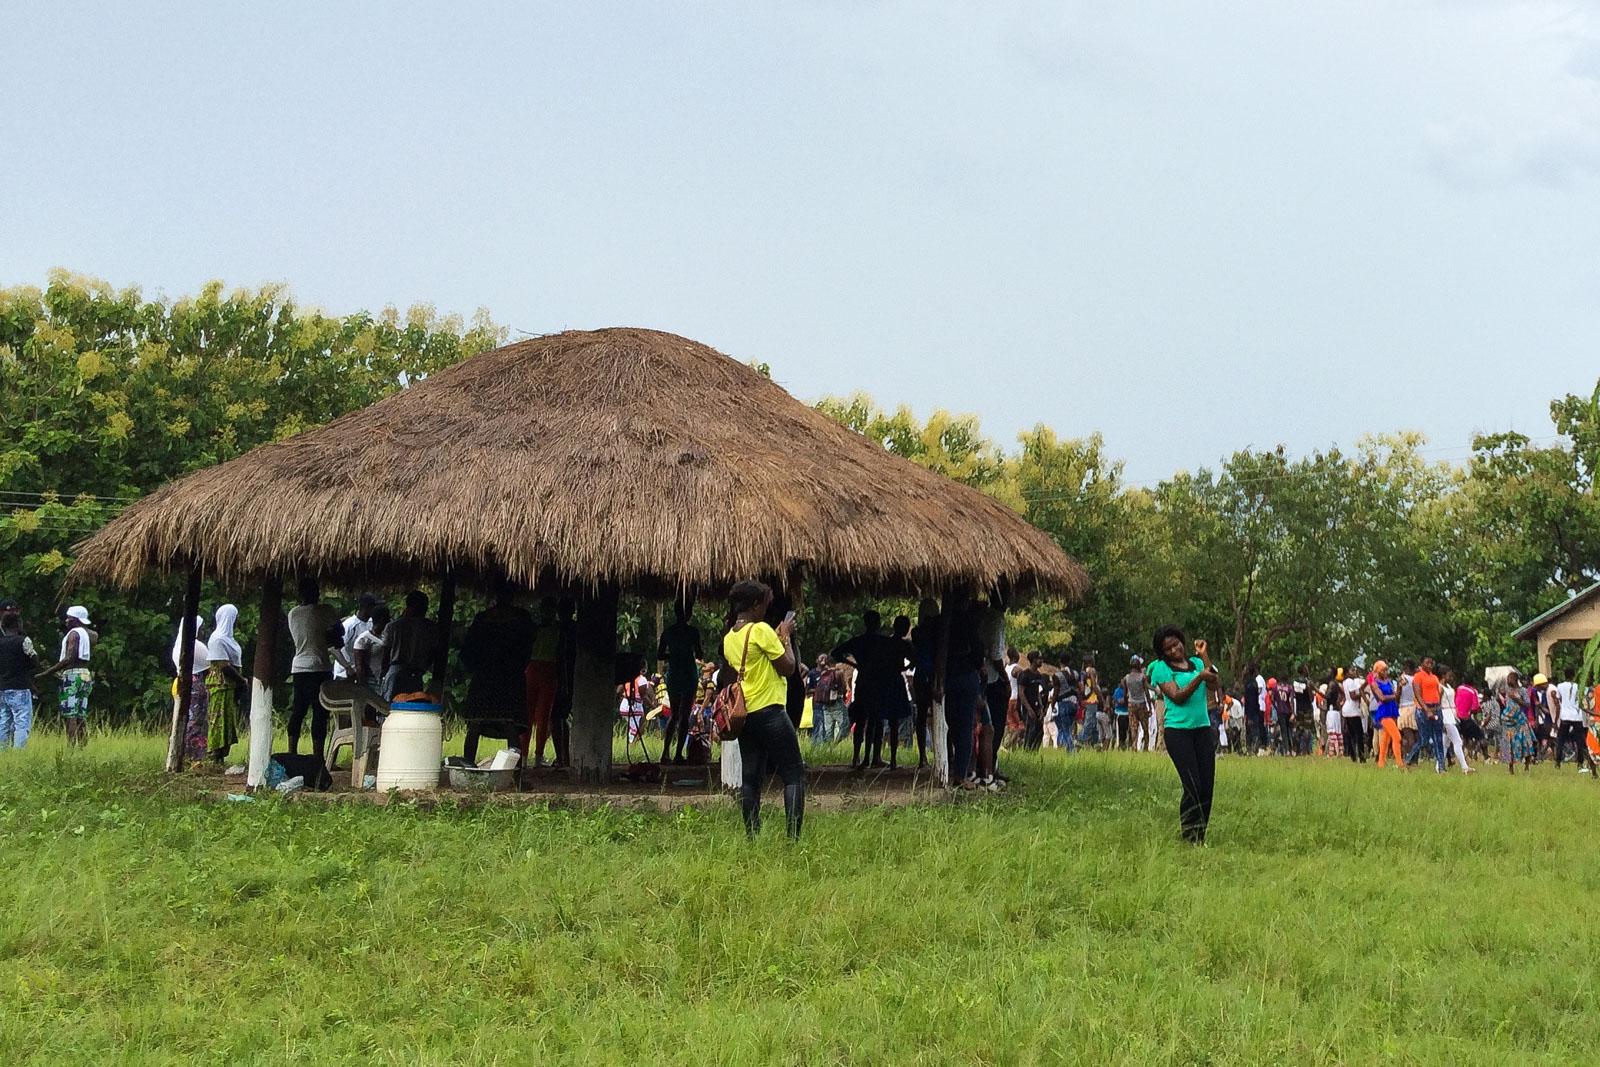 Auf dem kleinen Festival haben die Besucher zu lokaler Musik und Reggae getanzt.